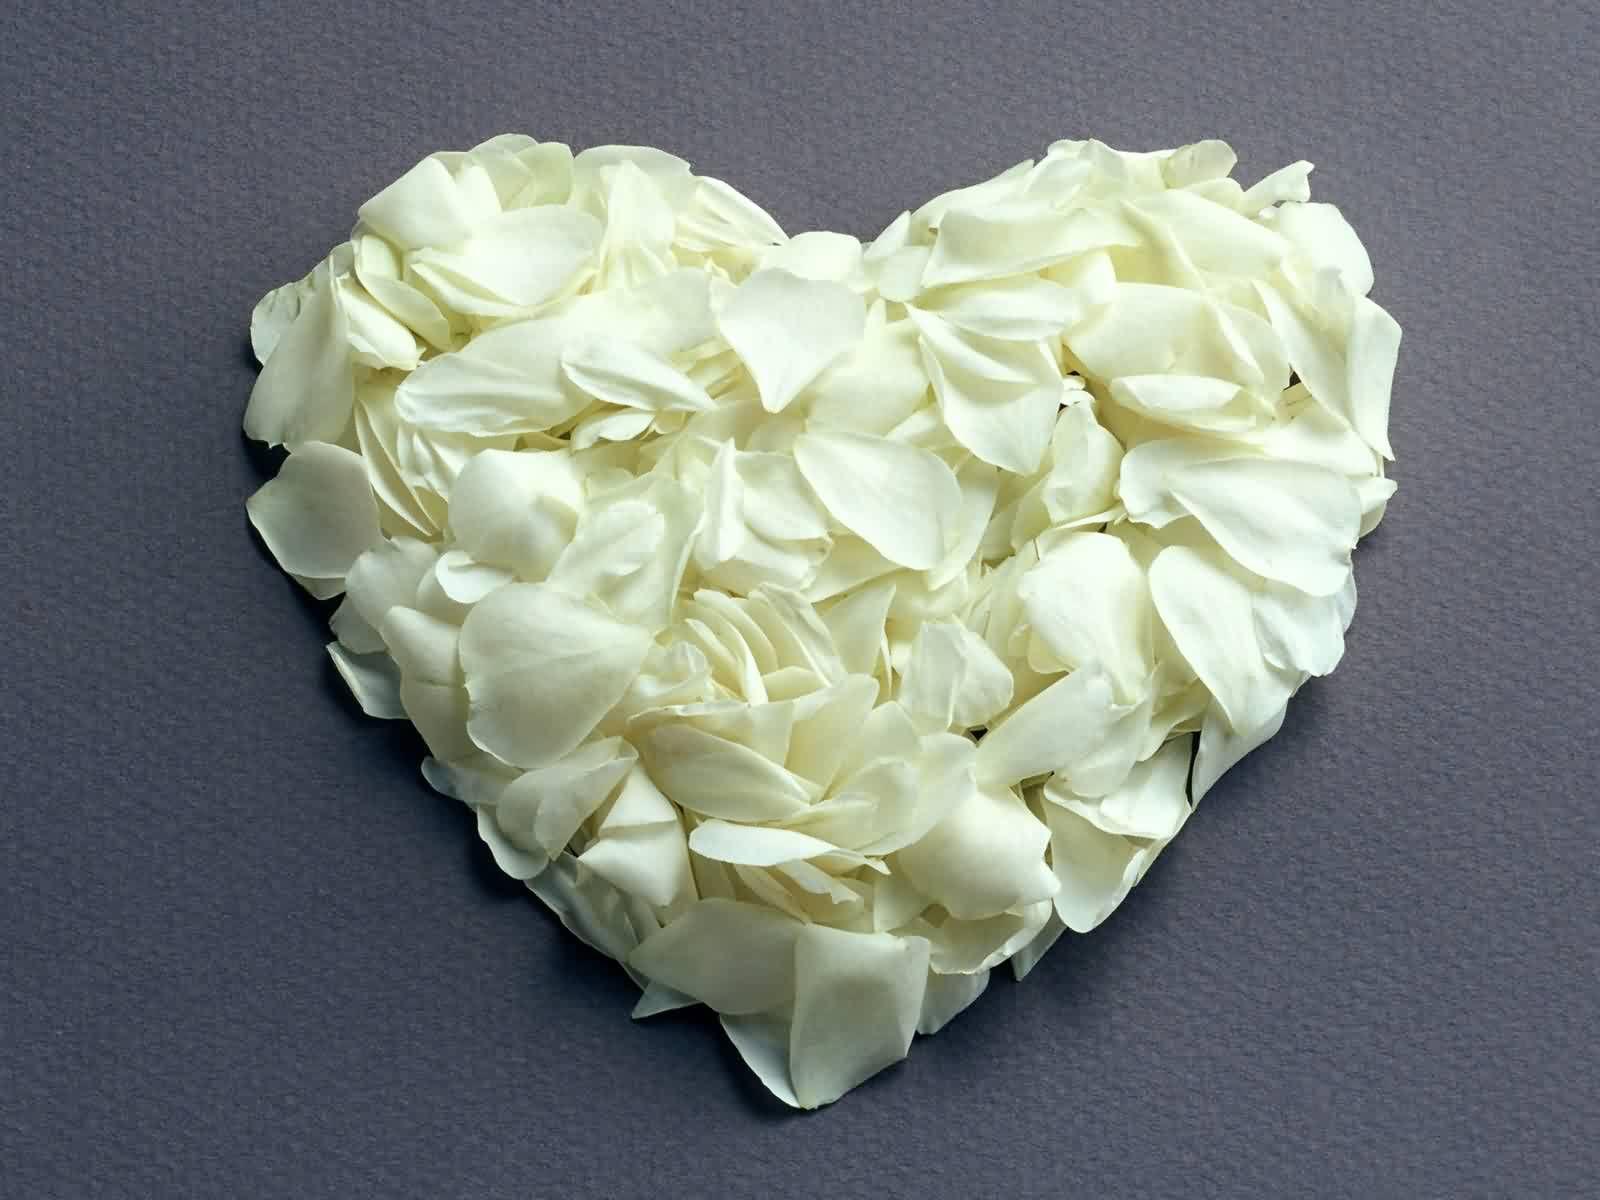 http://1.bp.blogspot.com/-6ASrsPp64cs/T6GACMlV2YI/AAAAAAAACXc/5aYbVOjEPtc/s1600/Love_Wallpapers_Umeaurhum8.JPG